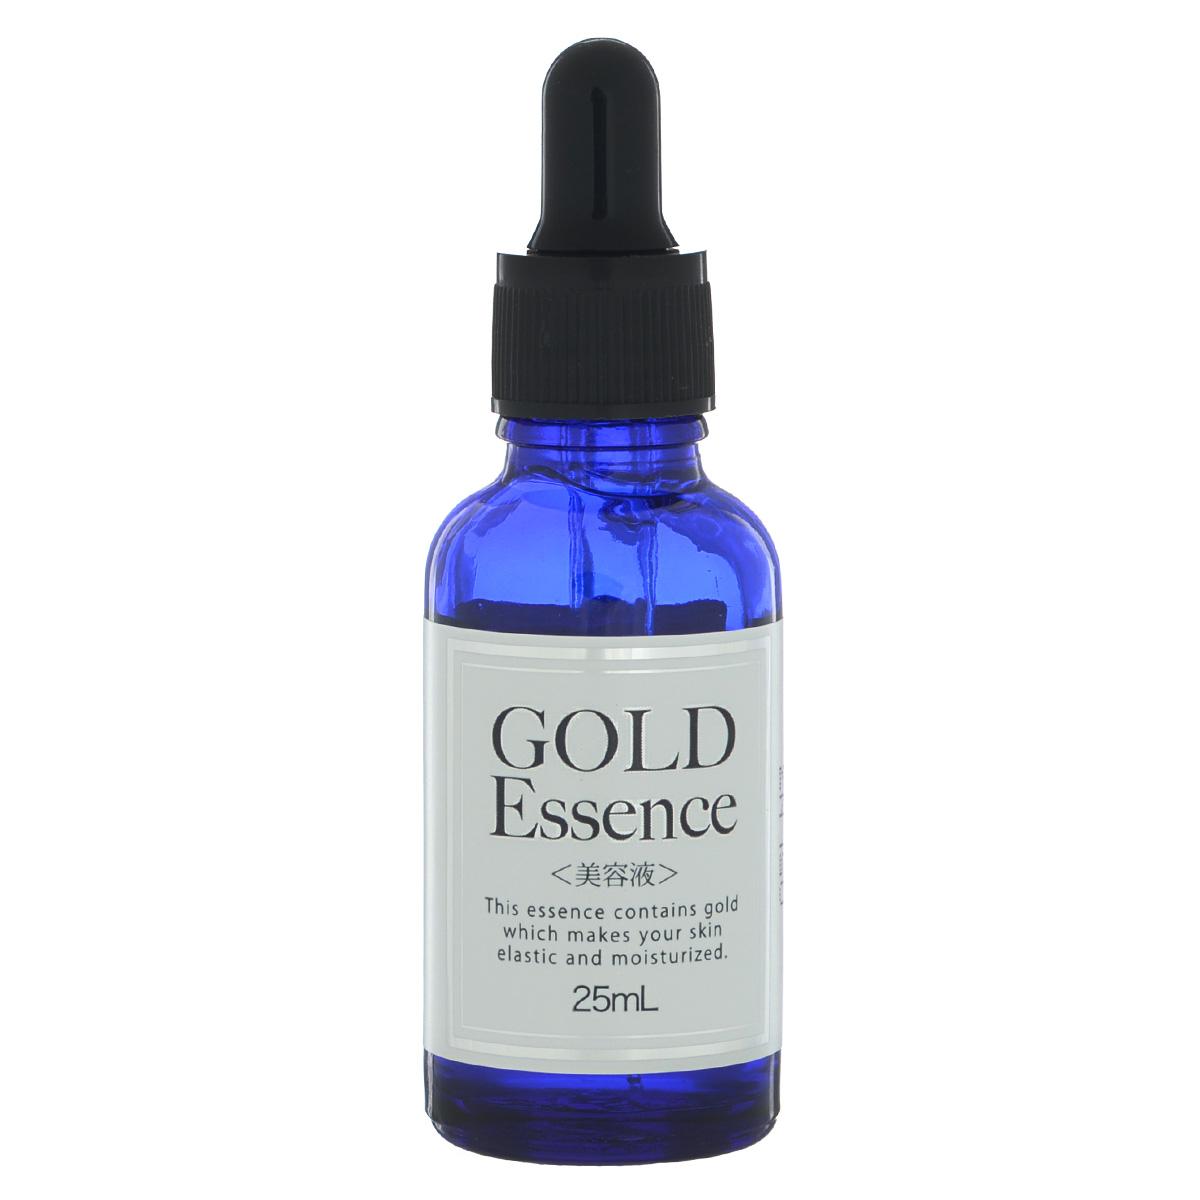 Japan Gals Сыворотка с золотым составом Pure beau essence 25 мл10744Золото, являясь лучшим проводником, встраивается между клетками и возобновляет нарушенные обменные процессы в коже. Улучшается клеточное дыхание и поставка питательных веществ в каждую клеточку, выводятся токсины. Арбутин Арбутин блокирует в коже синтез пигмента меланина, отбеливает пигментные пятна, борется с нежелательной пигментацией и смягчает кожу. Витамин С Восстанавливает кожу от повреждений, вызванных ультрафиолетовыми лучами, интенсивно стимулирует процессы обновления и омоложения в коже: выравнивает цвет лица, усиливает синтез коллагена, повышает защитные функции кожи. Гиалуроновая кислота Благодаря гиалуроновой кислоте кожа удерживает влагу, восстанавливая упругость. Эффект: подтягивает кожу и оказывает омолаживающее действие. СПОСОБ ПРИМЕНЕНИЯ: Сыворотка наносится на чистое лицо, после умывания. С помощью пипетки выдавите необходимое количество сыворотки на руки (2-3 пипетки на одно применение) и нанесите на лицо по массажным линиям, слегка вбивая подушечками пальцев....